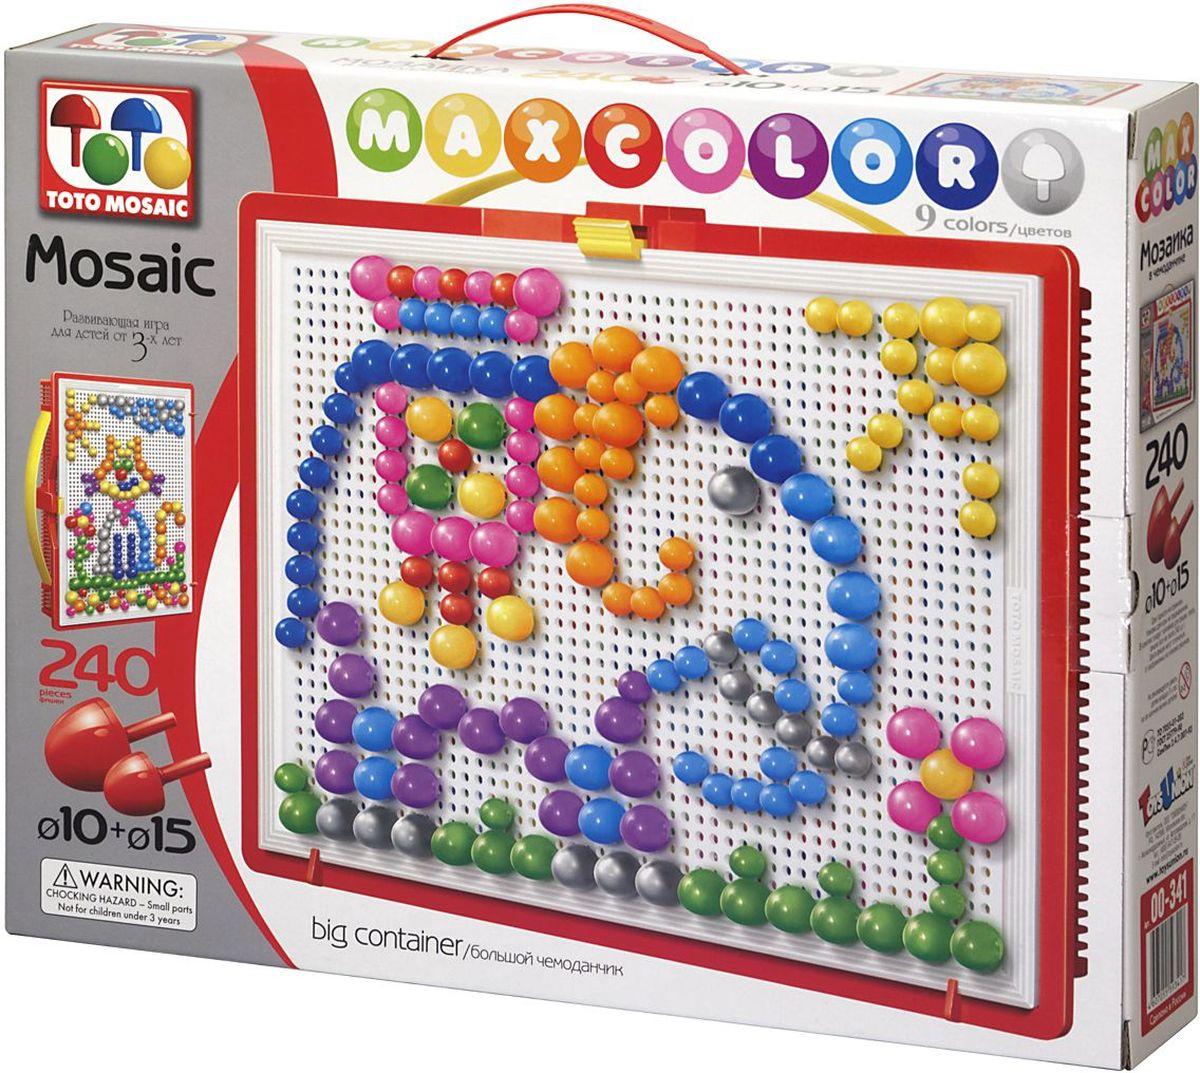 Toto Mosaic Мозаика В мире животных00-341Мозаика «MAXCOLOR» Big container- интересная, увлекательная игра для детей от 3х лет и старше. Она способствует развитию творческих способностей ребенка, его воображения, внимания, усидчивости, умению доводить начатое дело до конца, а так же координации и моторики движения рук. Все эти качества делают мозаику незаменимым пособием для успешной подготовки ребенка 3-5 лет к школе. Комплектация «MAXCOLOR» ФИШКИ Игра комплектуется фишками различного размера (o 20, o 15, o 10, o 5) округлой формы, которые удобно и приятно держать в руках, поэтому с ними справится даже самый крохотный малыш. Фишки o 20 рассчитаны на самых маленьких игроков. Так же, в этой серии имеются наборы, комплектуемые треугольными и квадратными фишками. Они рассчитаны на детей постарше. ПЛАТА Все фишки легко крепятся и легко снимаются с игрового поля – платы, которая позволяет малышу не ограничивать свои движения при складывании мозаики. Её оригинальная конструкция предотвращает выпадение фишек...